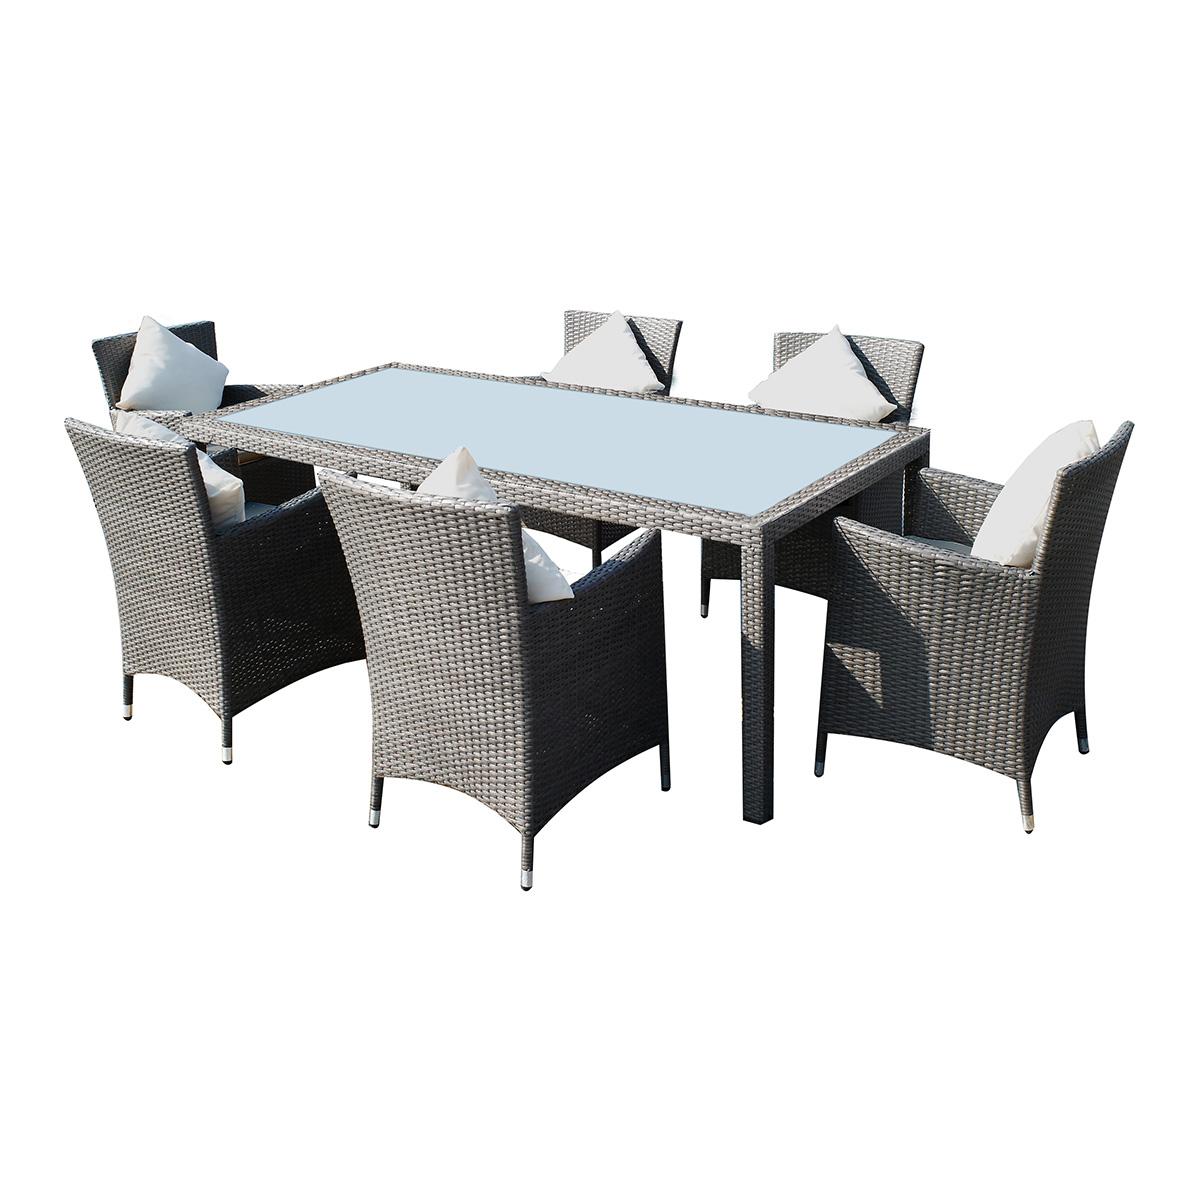 Salon de jardin caracas en résine tressée 6 fauteuils + coussins gris